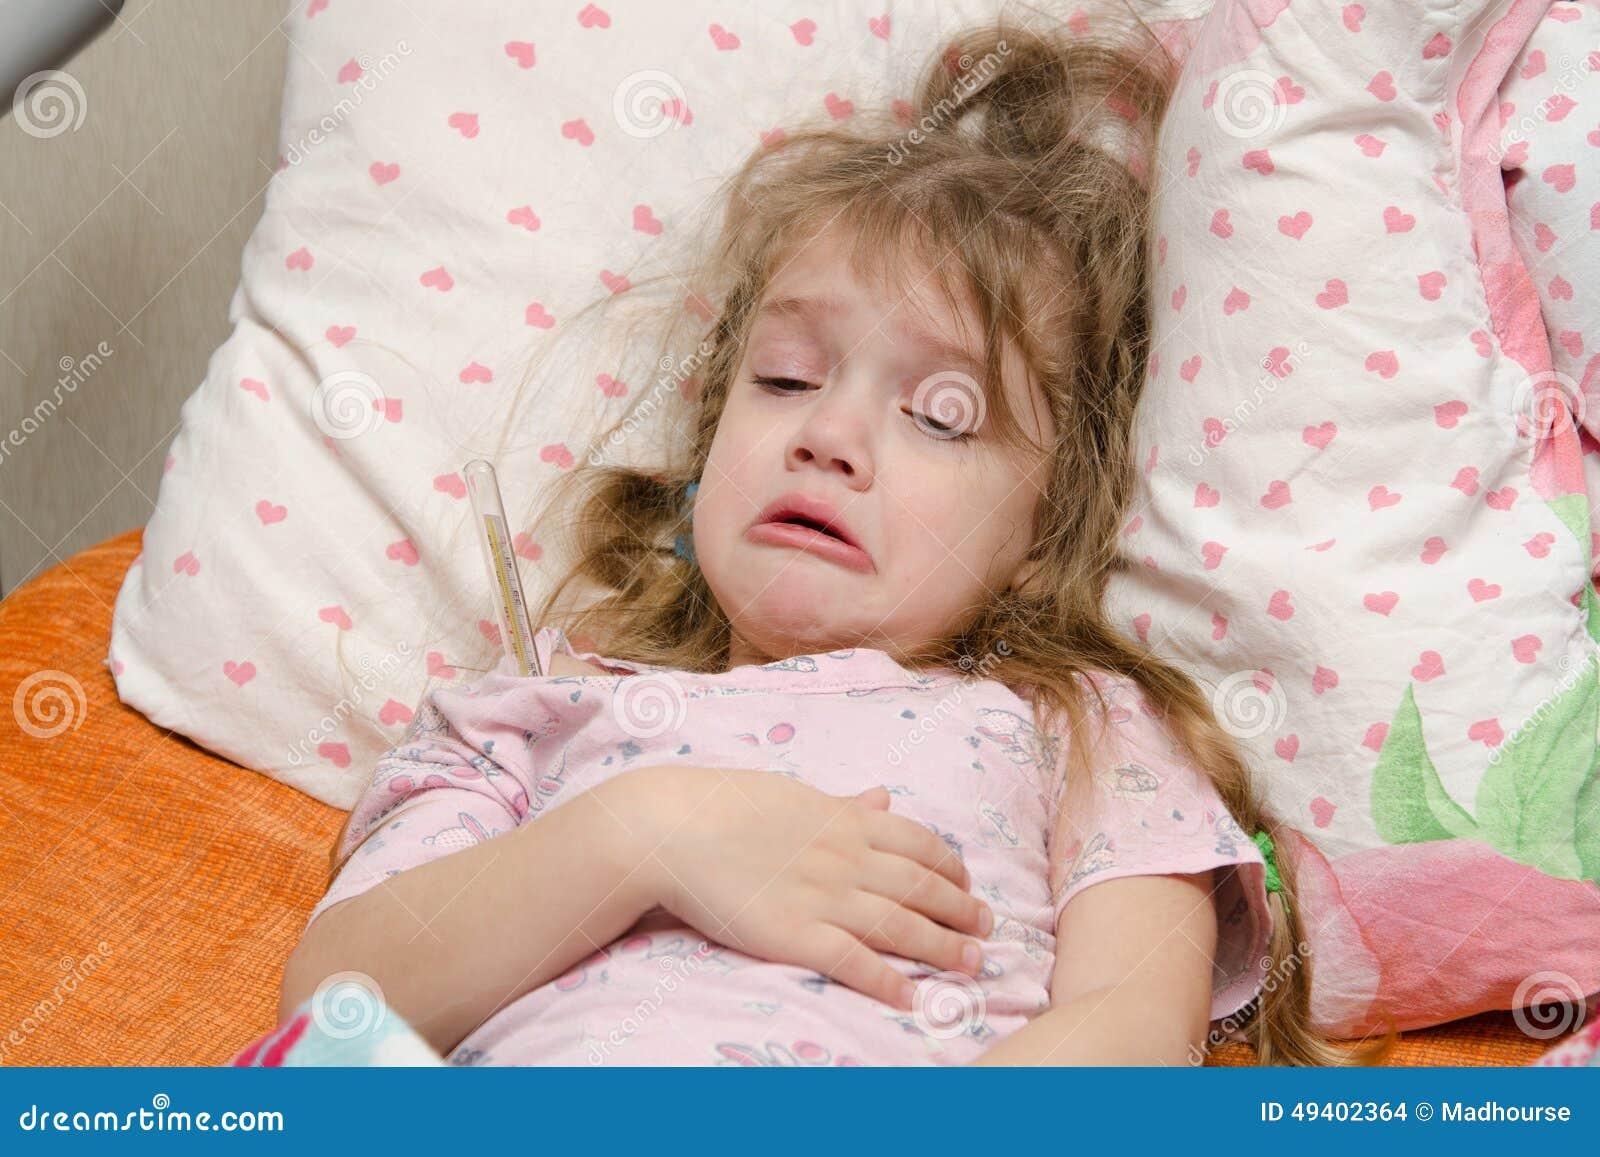 Download Mädchenkranke Mit Drei Jährigen Stockfoto - Bild von kindheit, kinderheilkunde: 49402364